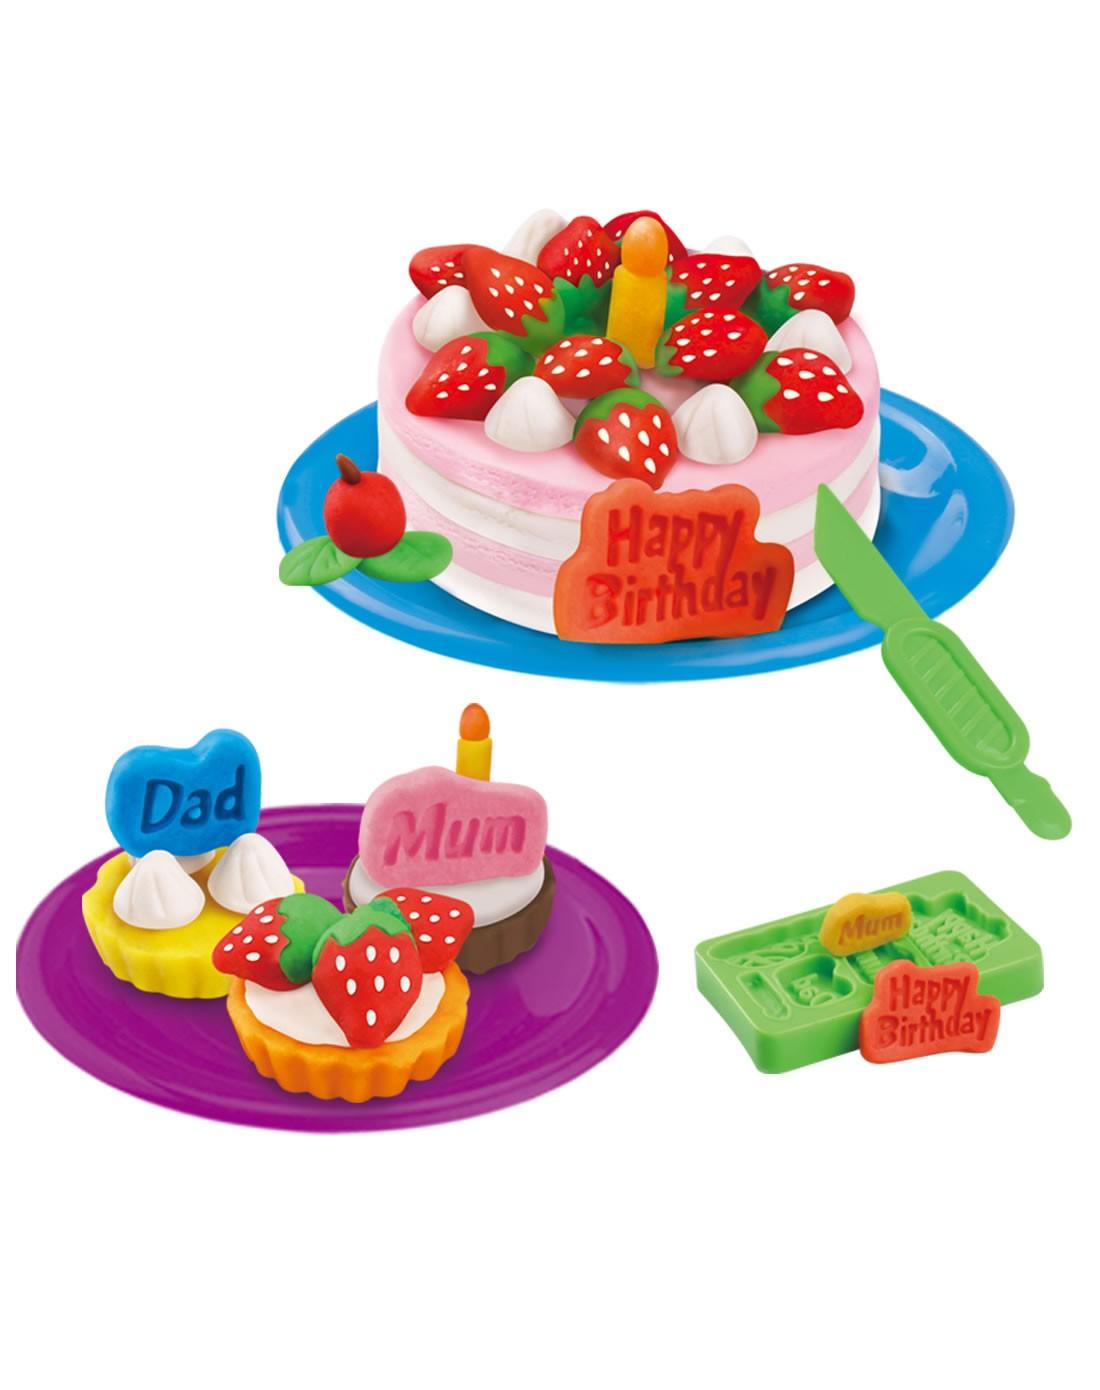 儿童创意彩泥蛋糕套装